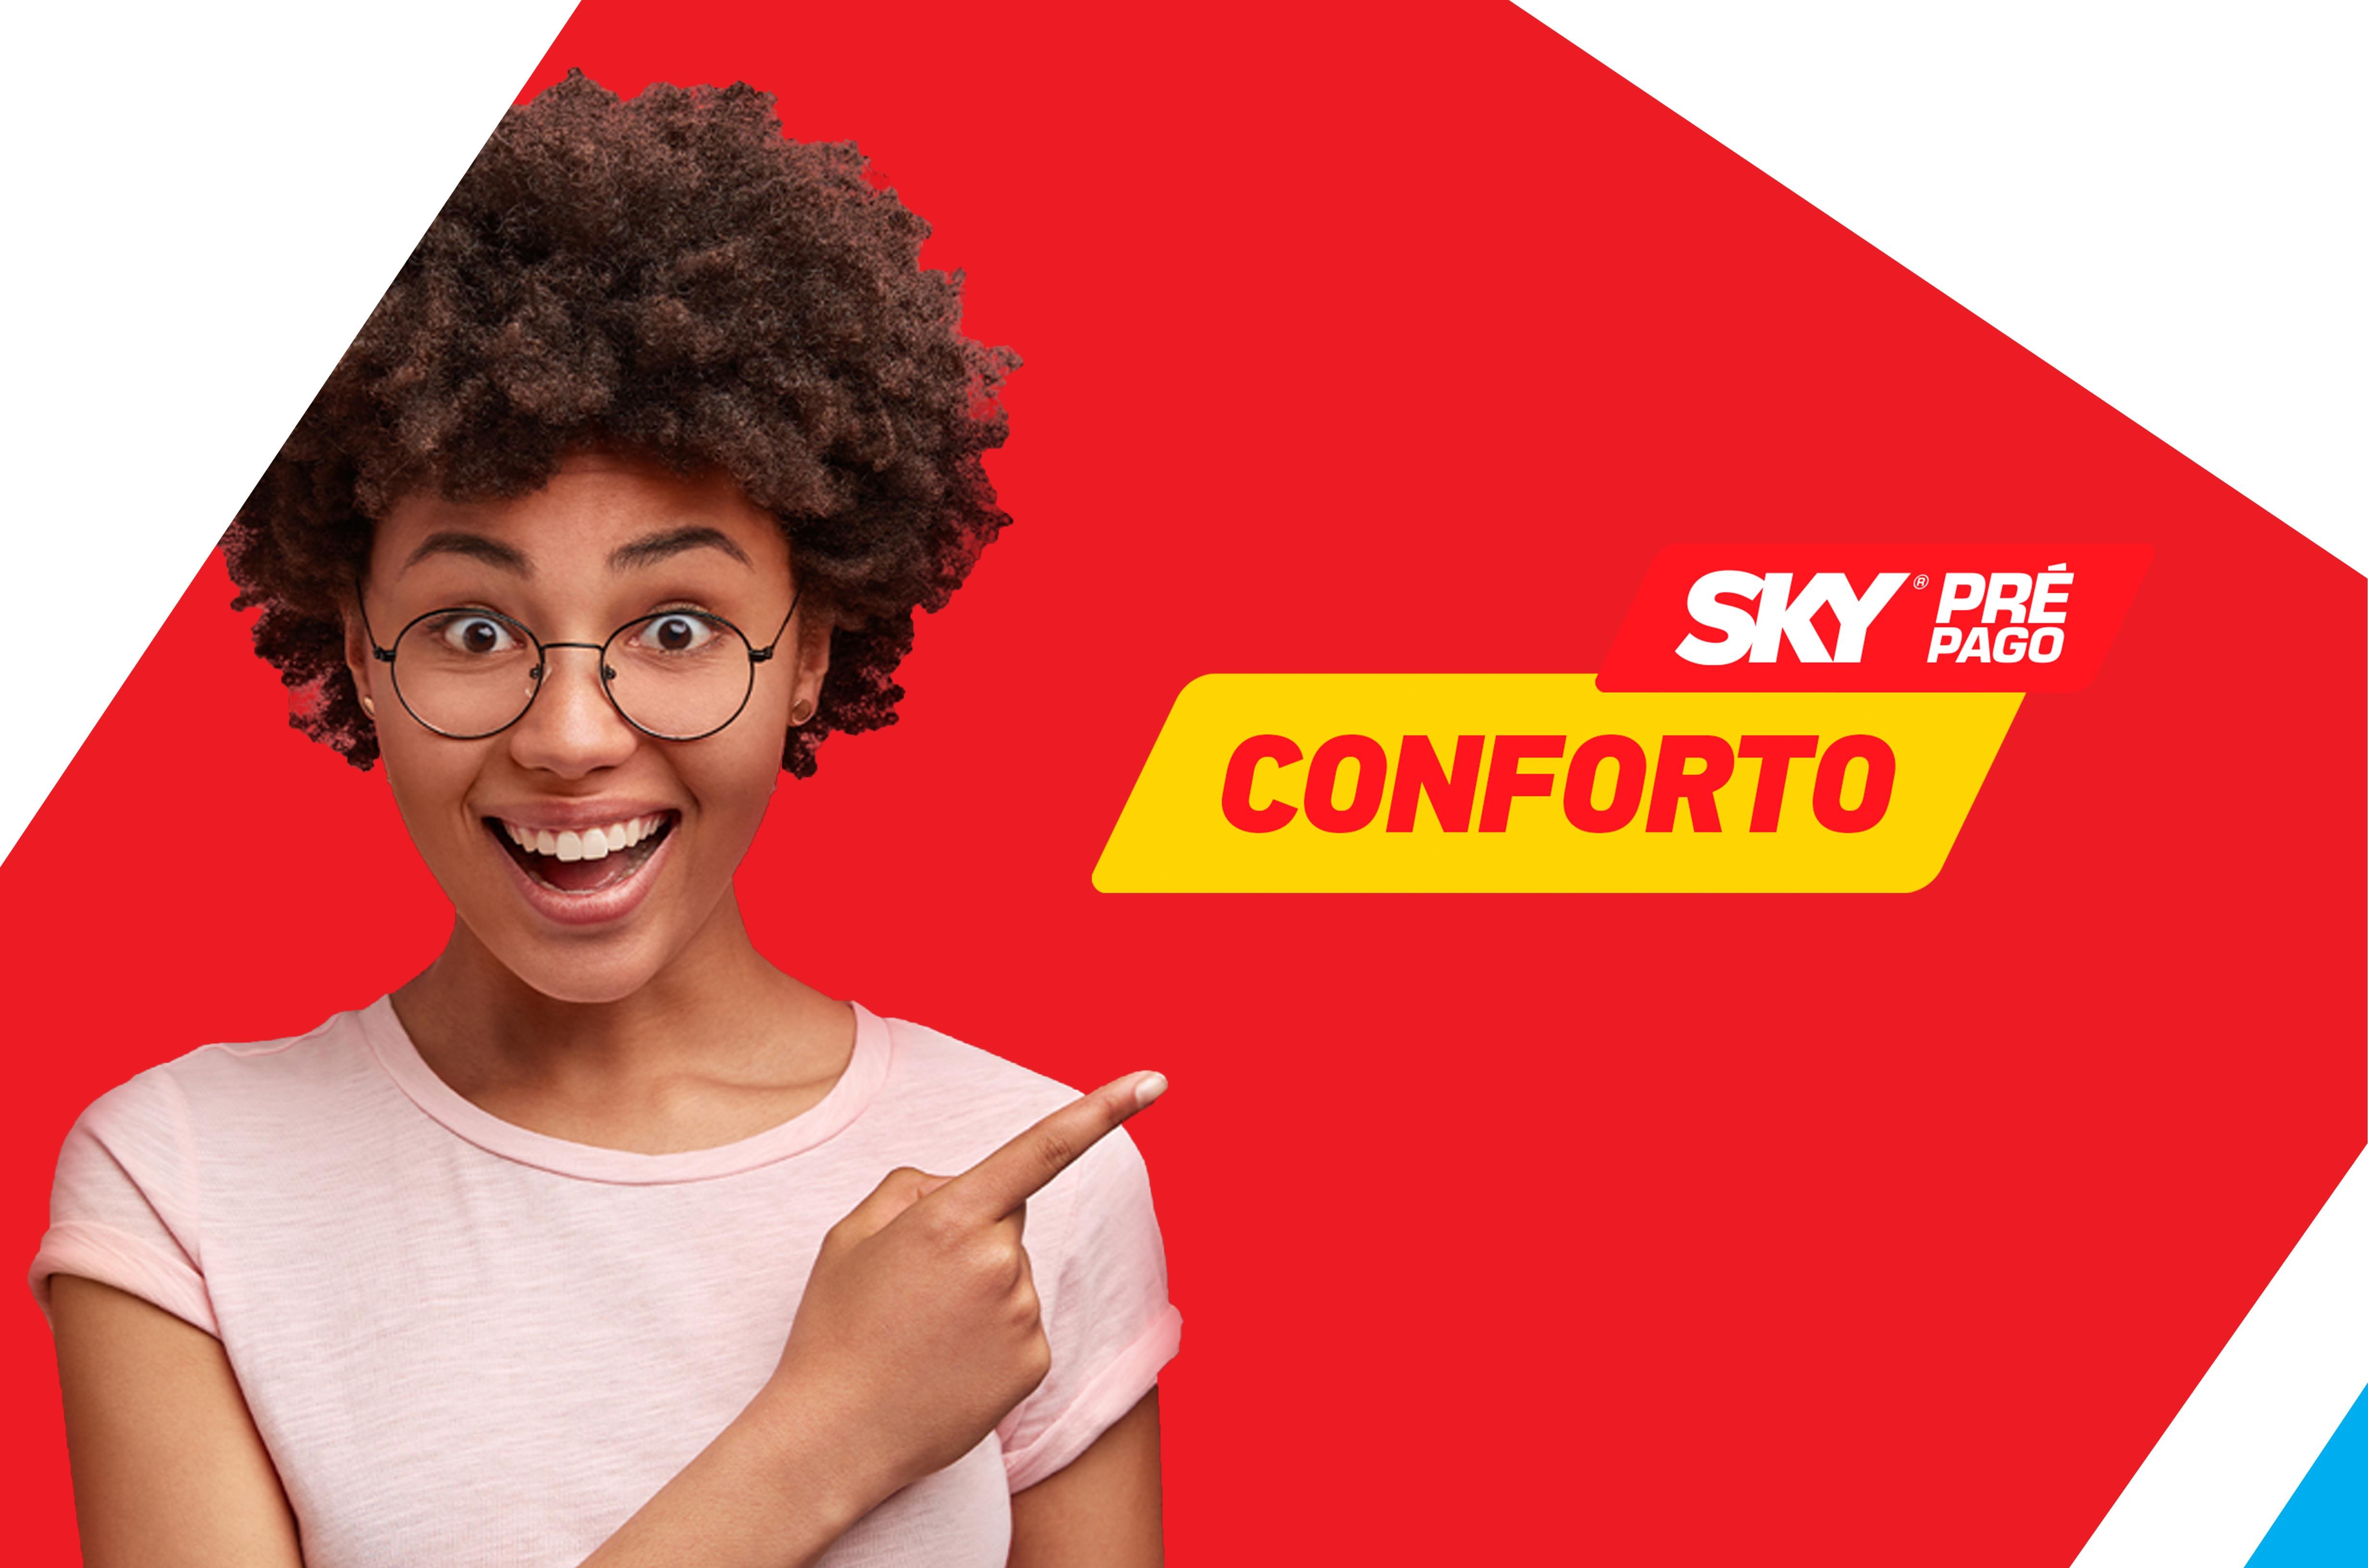 Sky Pré Pago como funciona